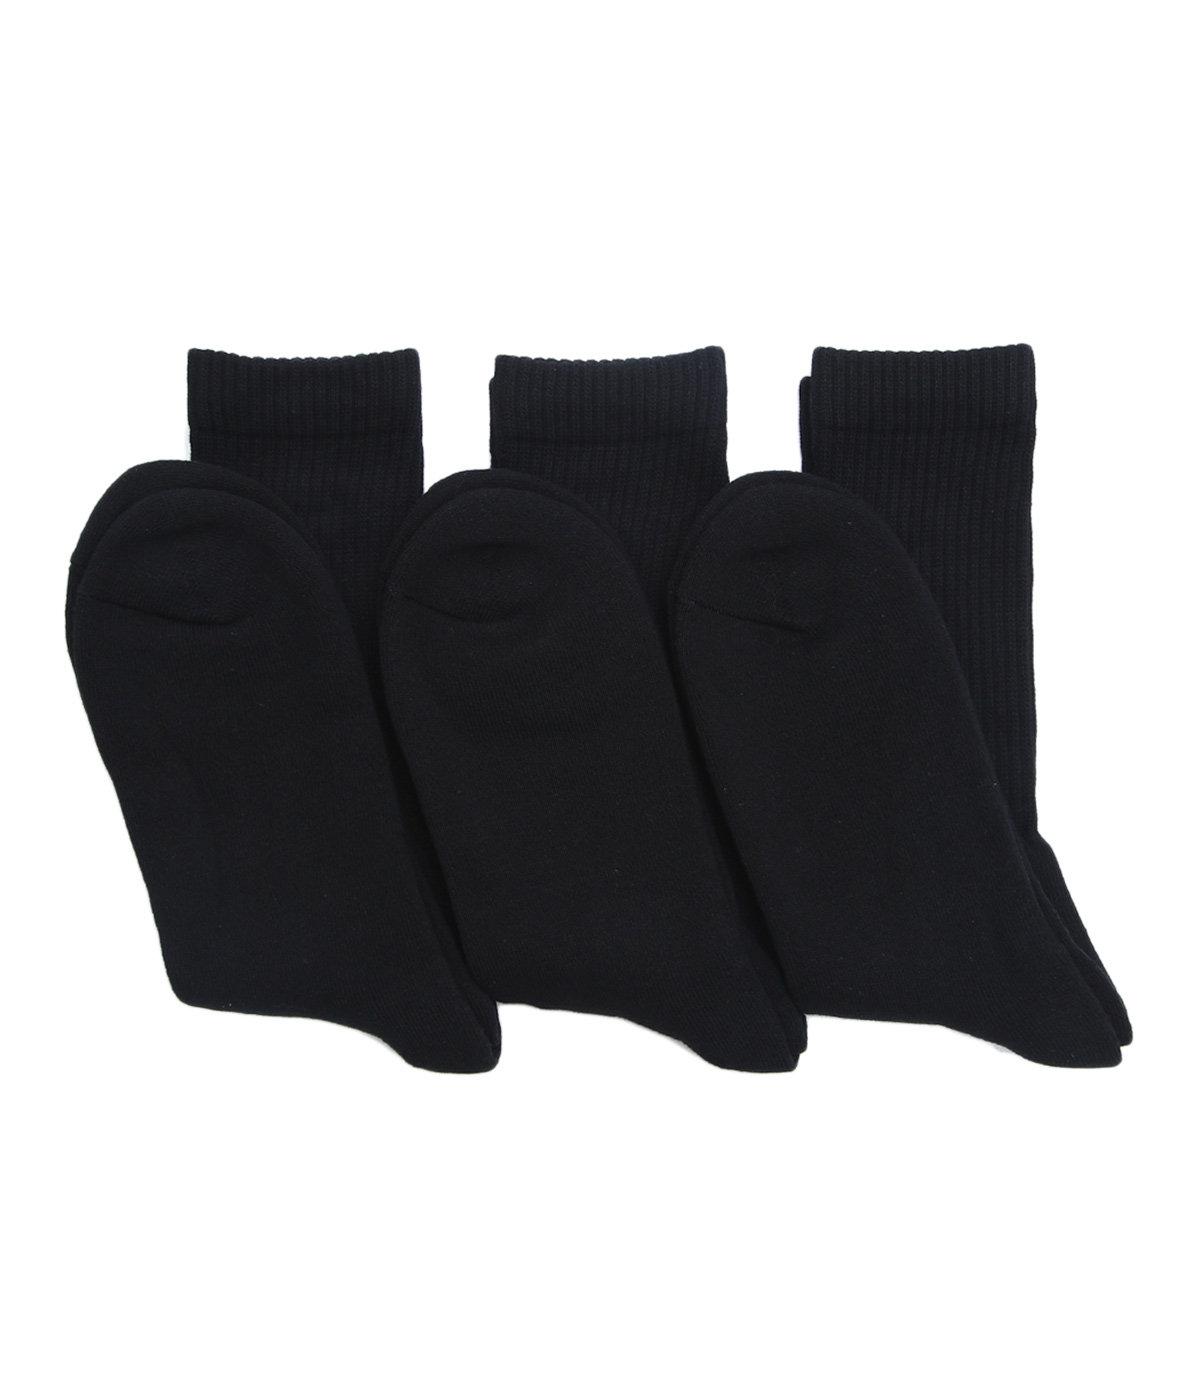 ORIGINAL 3-PACK SOCKS